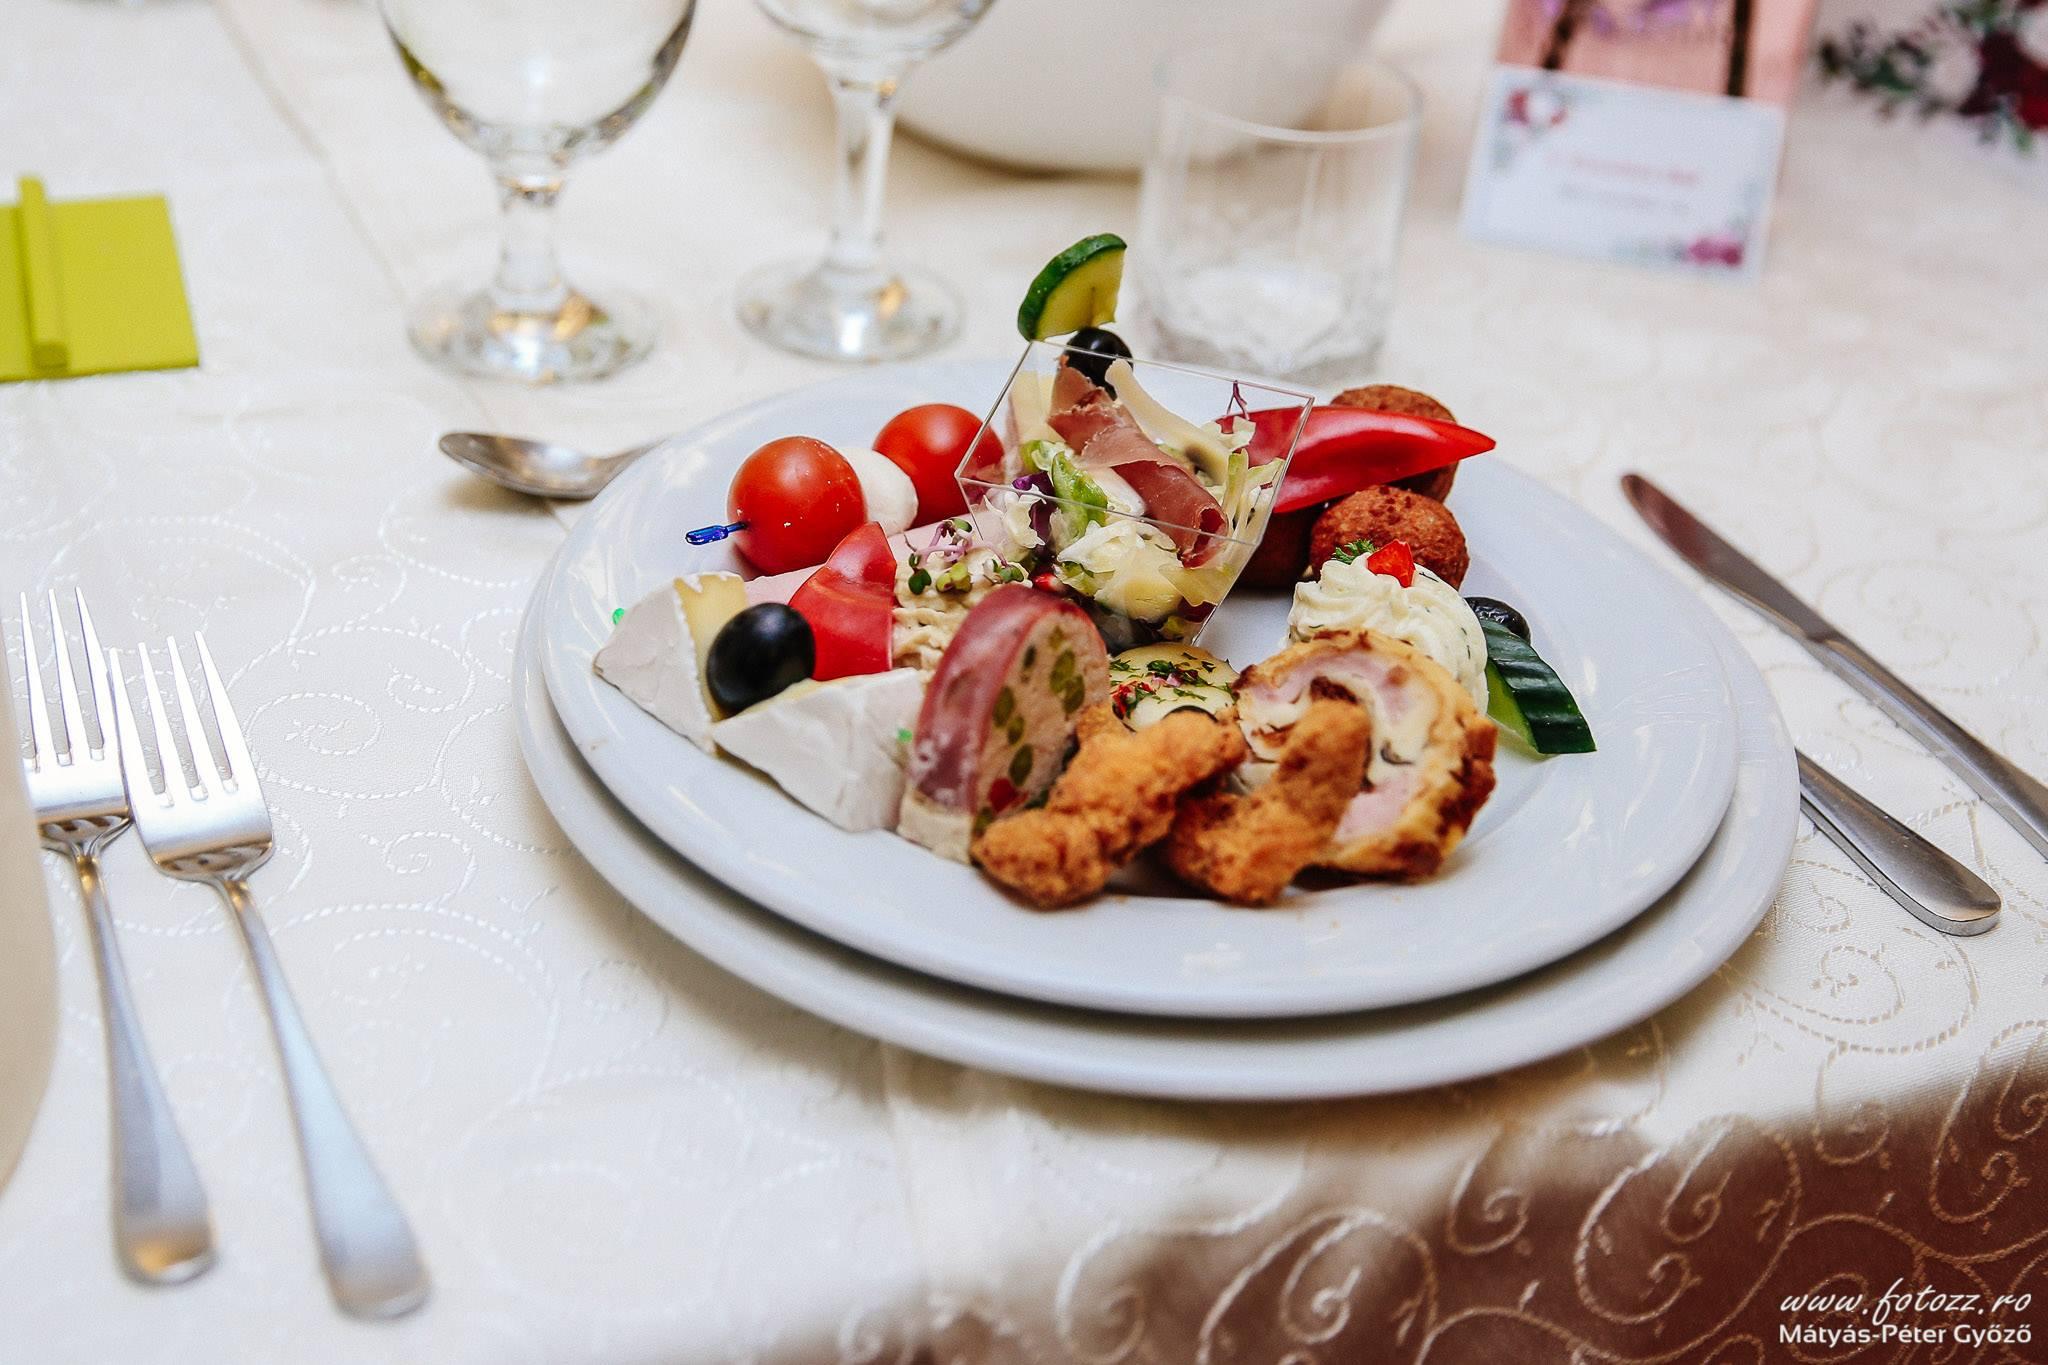 Nestemate culinare de toamnă la Roata Făget